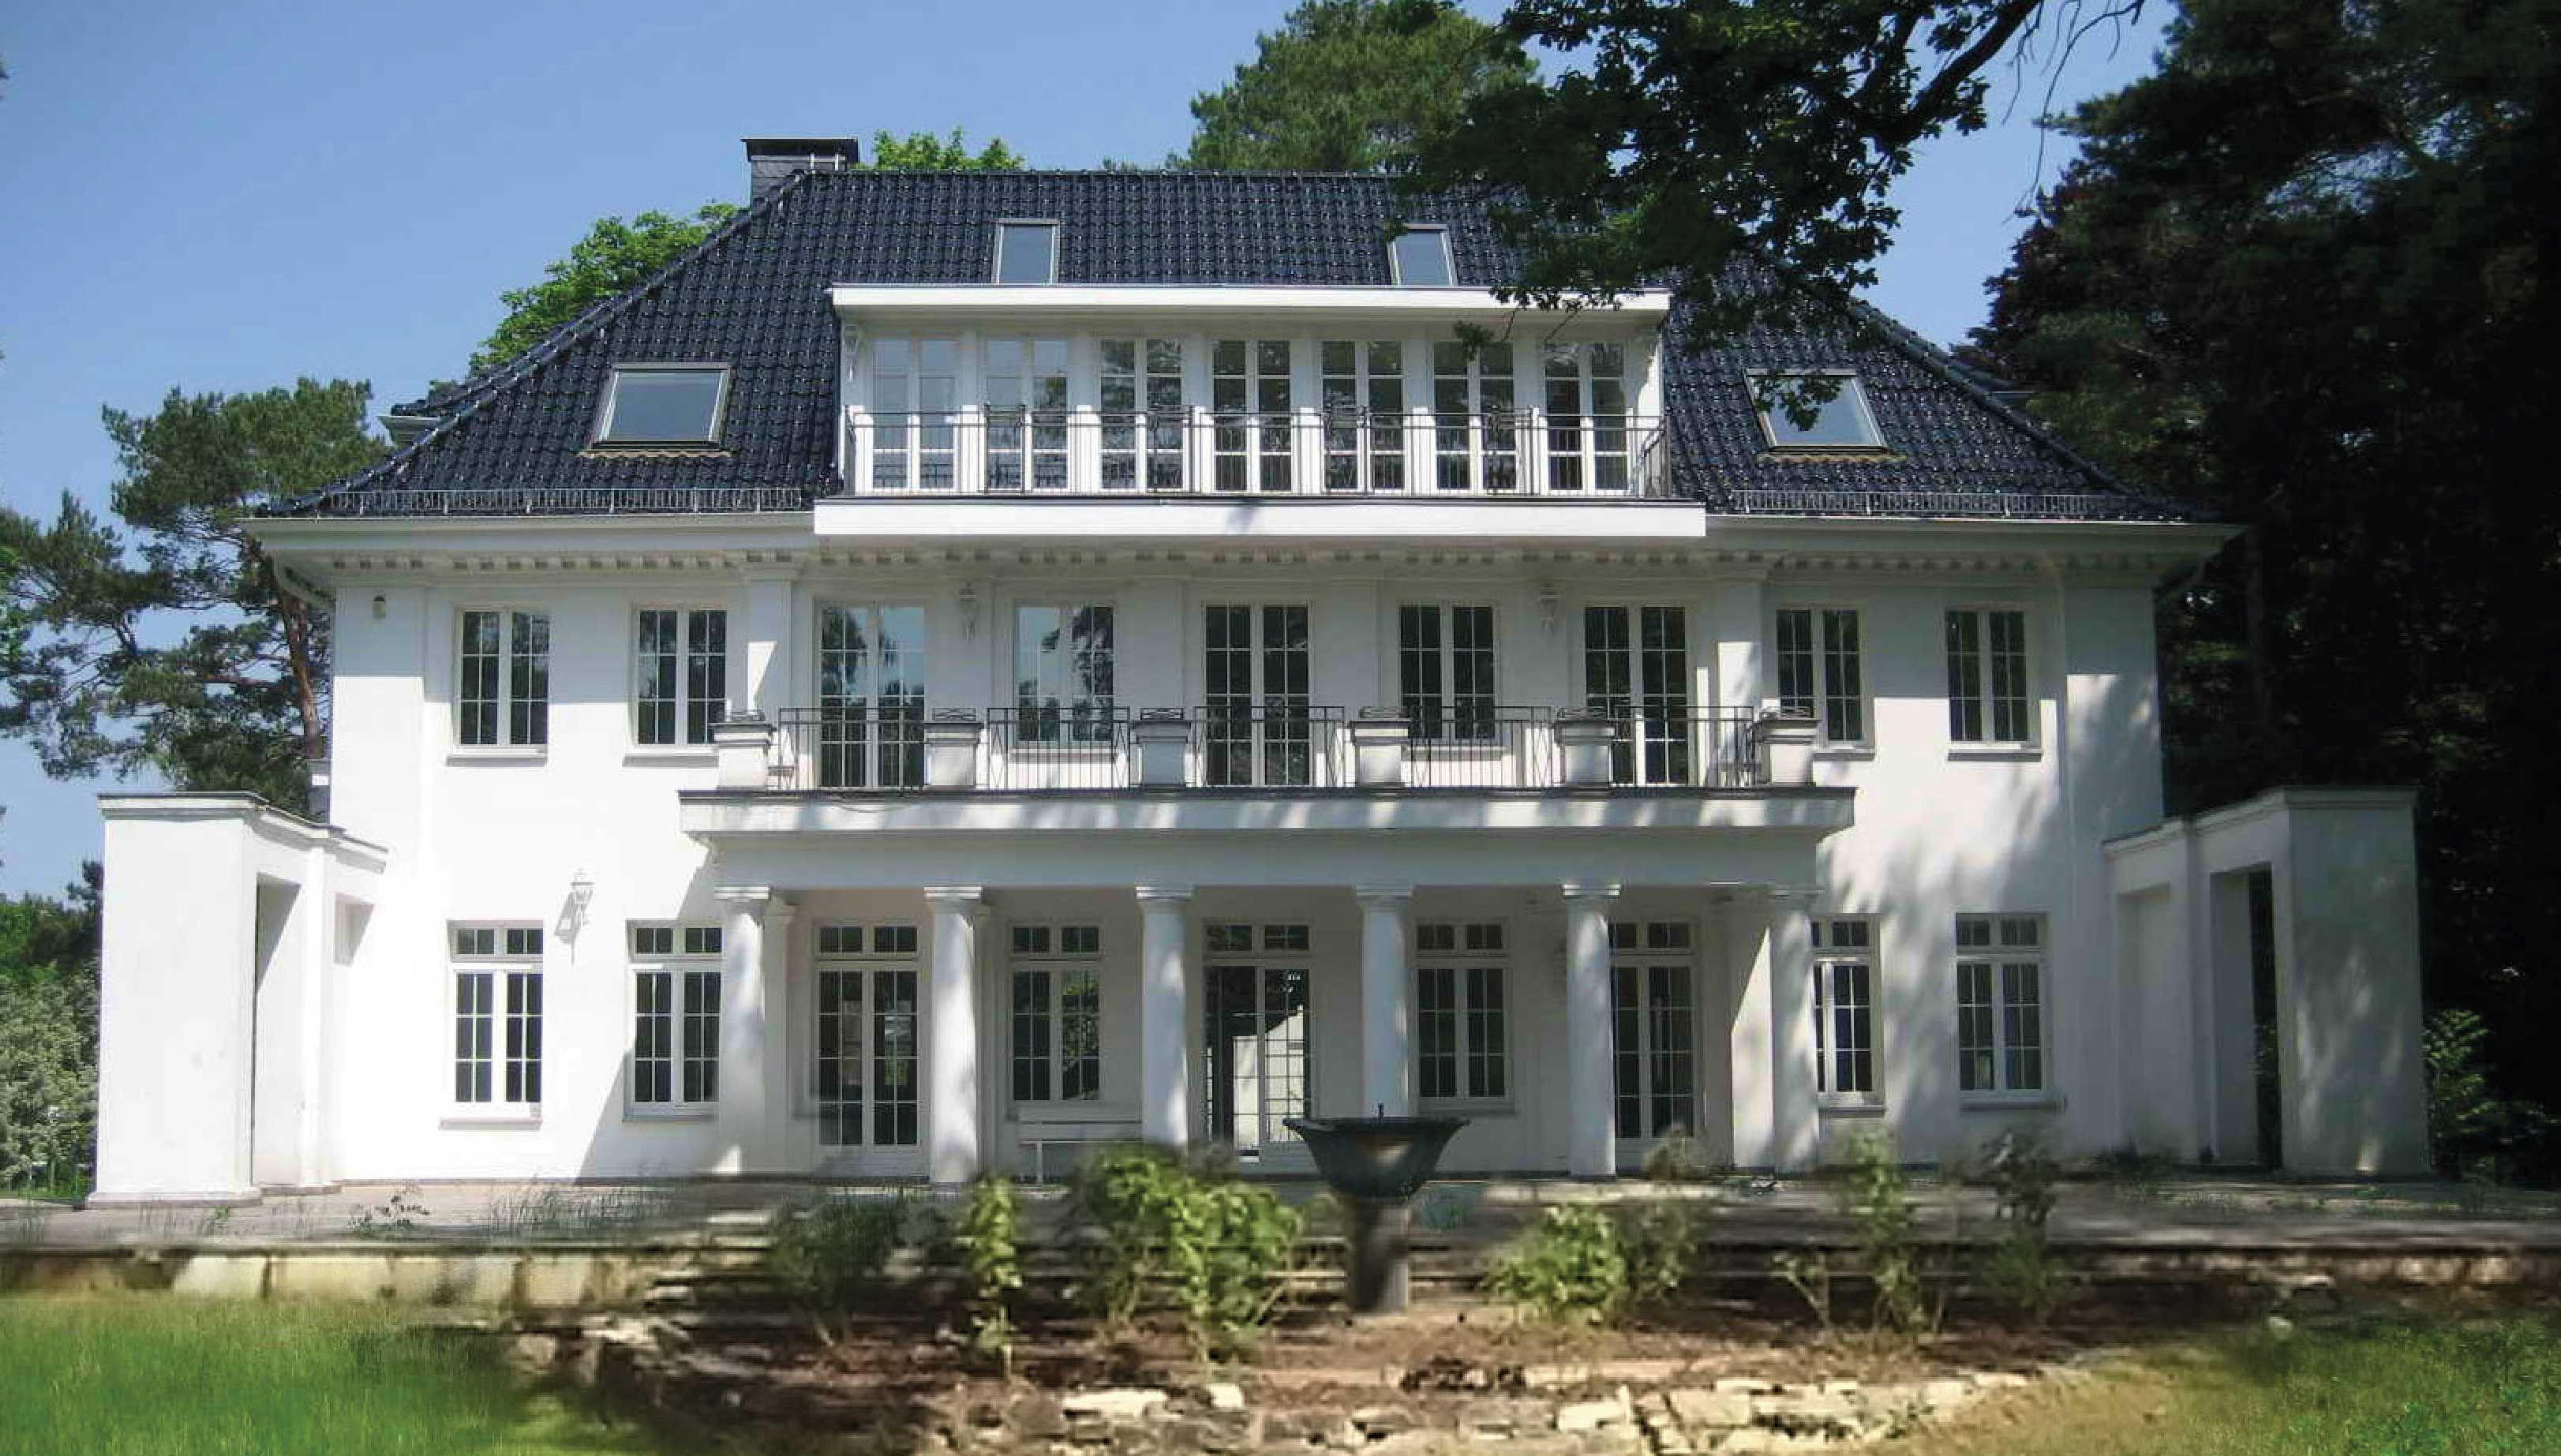 Villa Berlin premium villa in berlin dahlem germany dahlem luxury homes